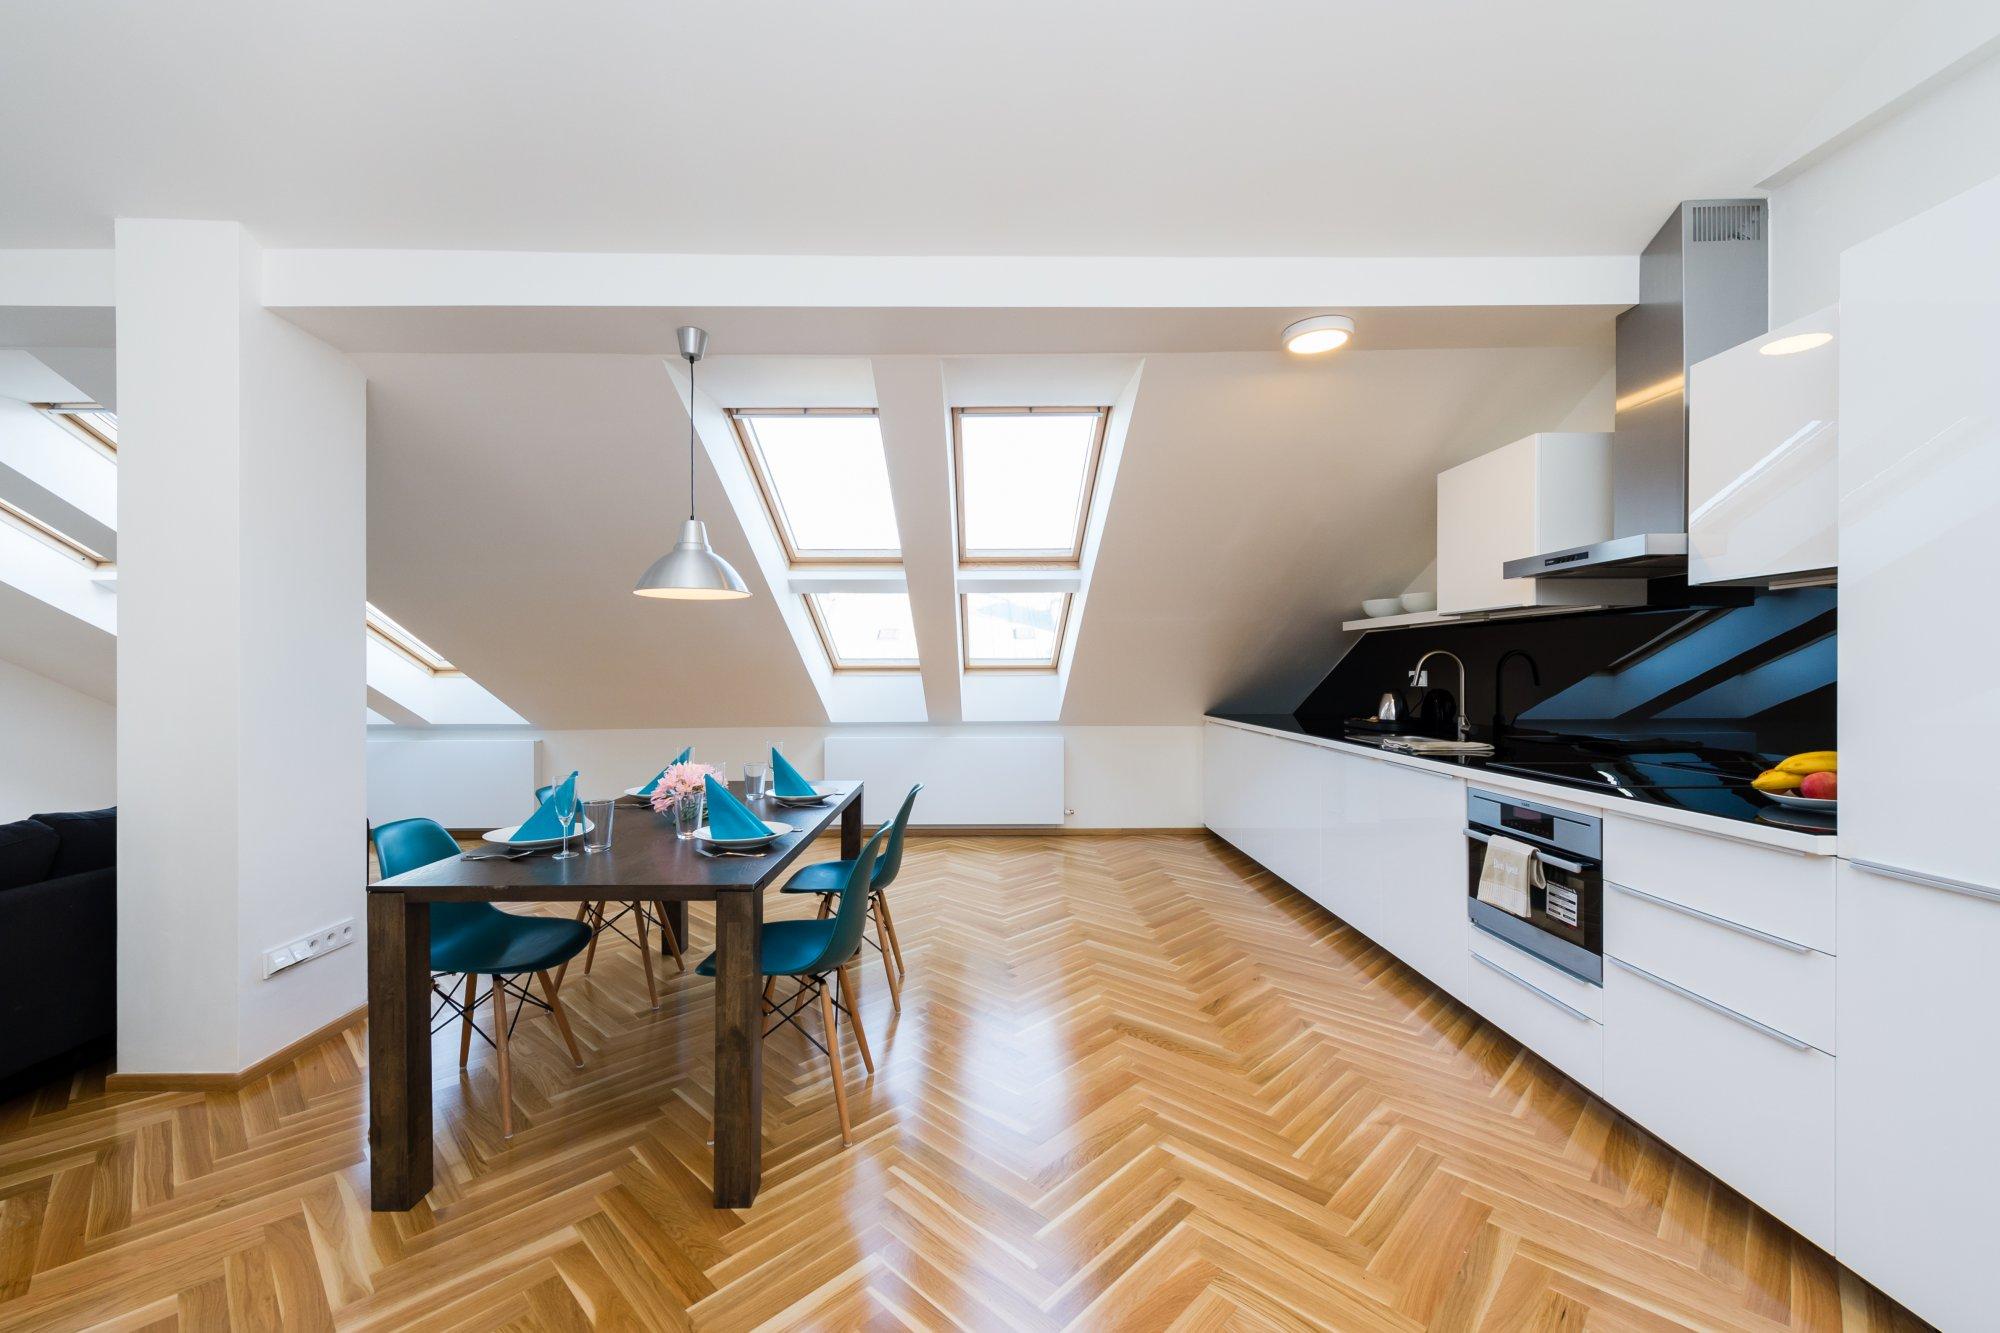 Půdní byt 2+kk, plocha 95 m², ulice U Bulhara, Praha 1 - Nové Město | 2